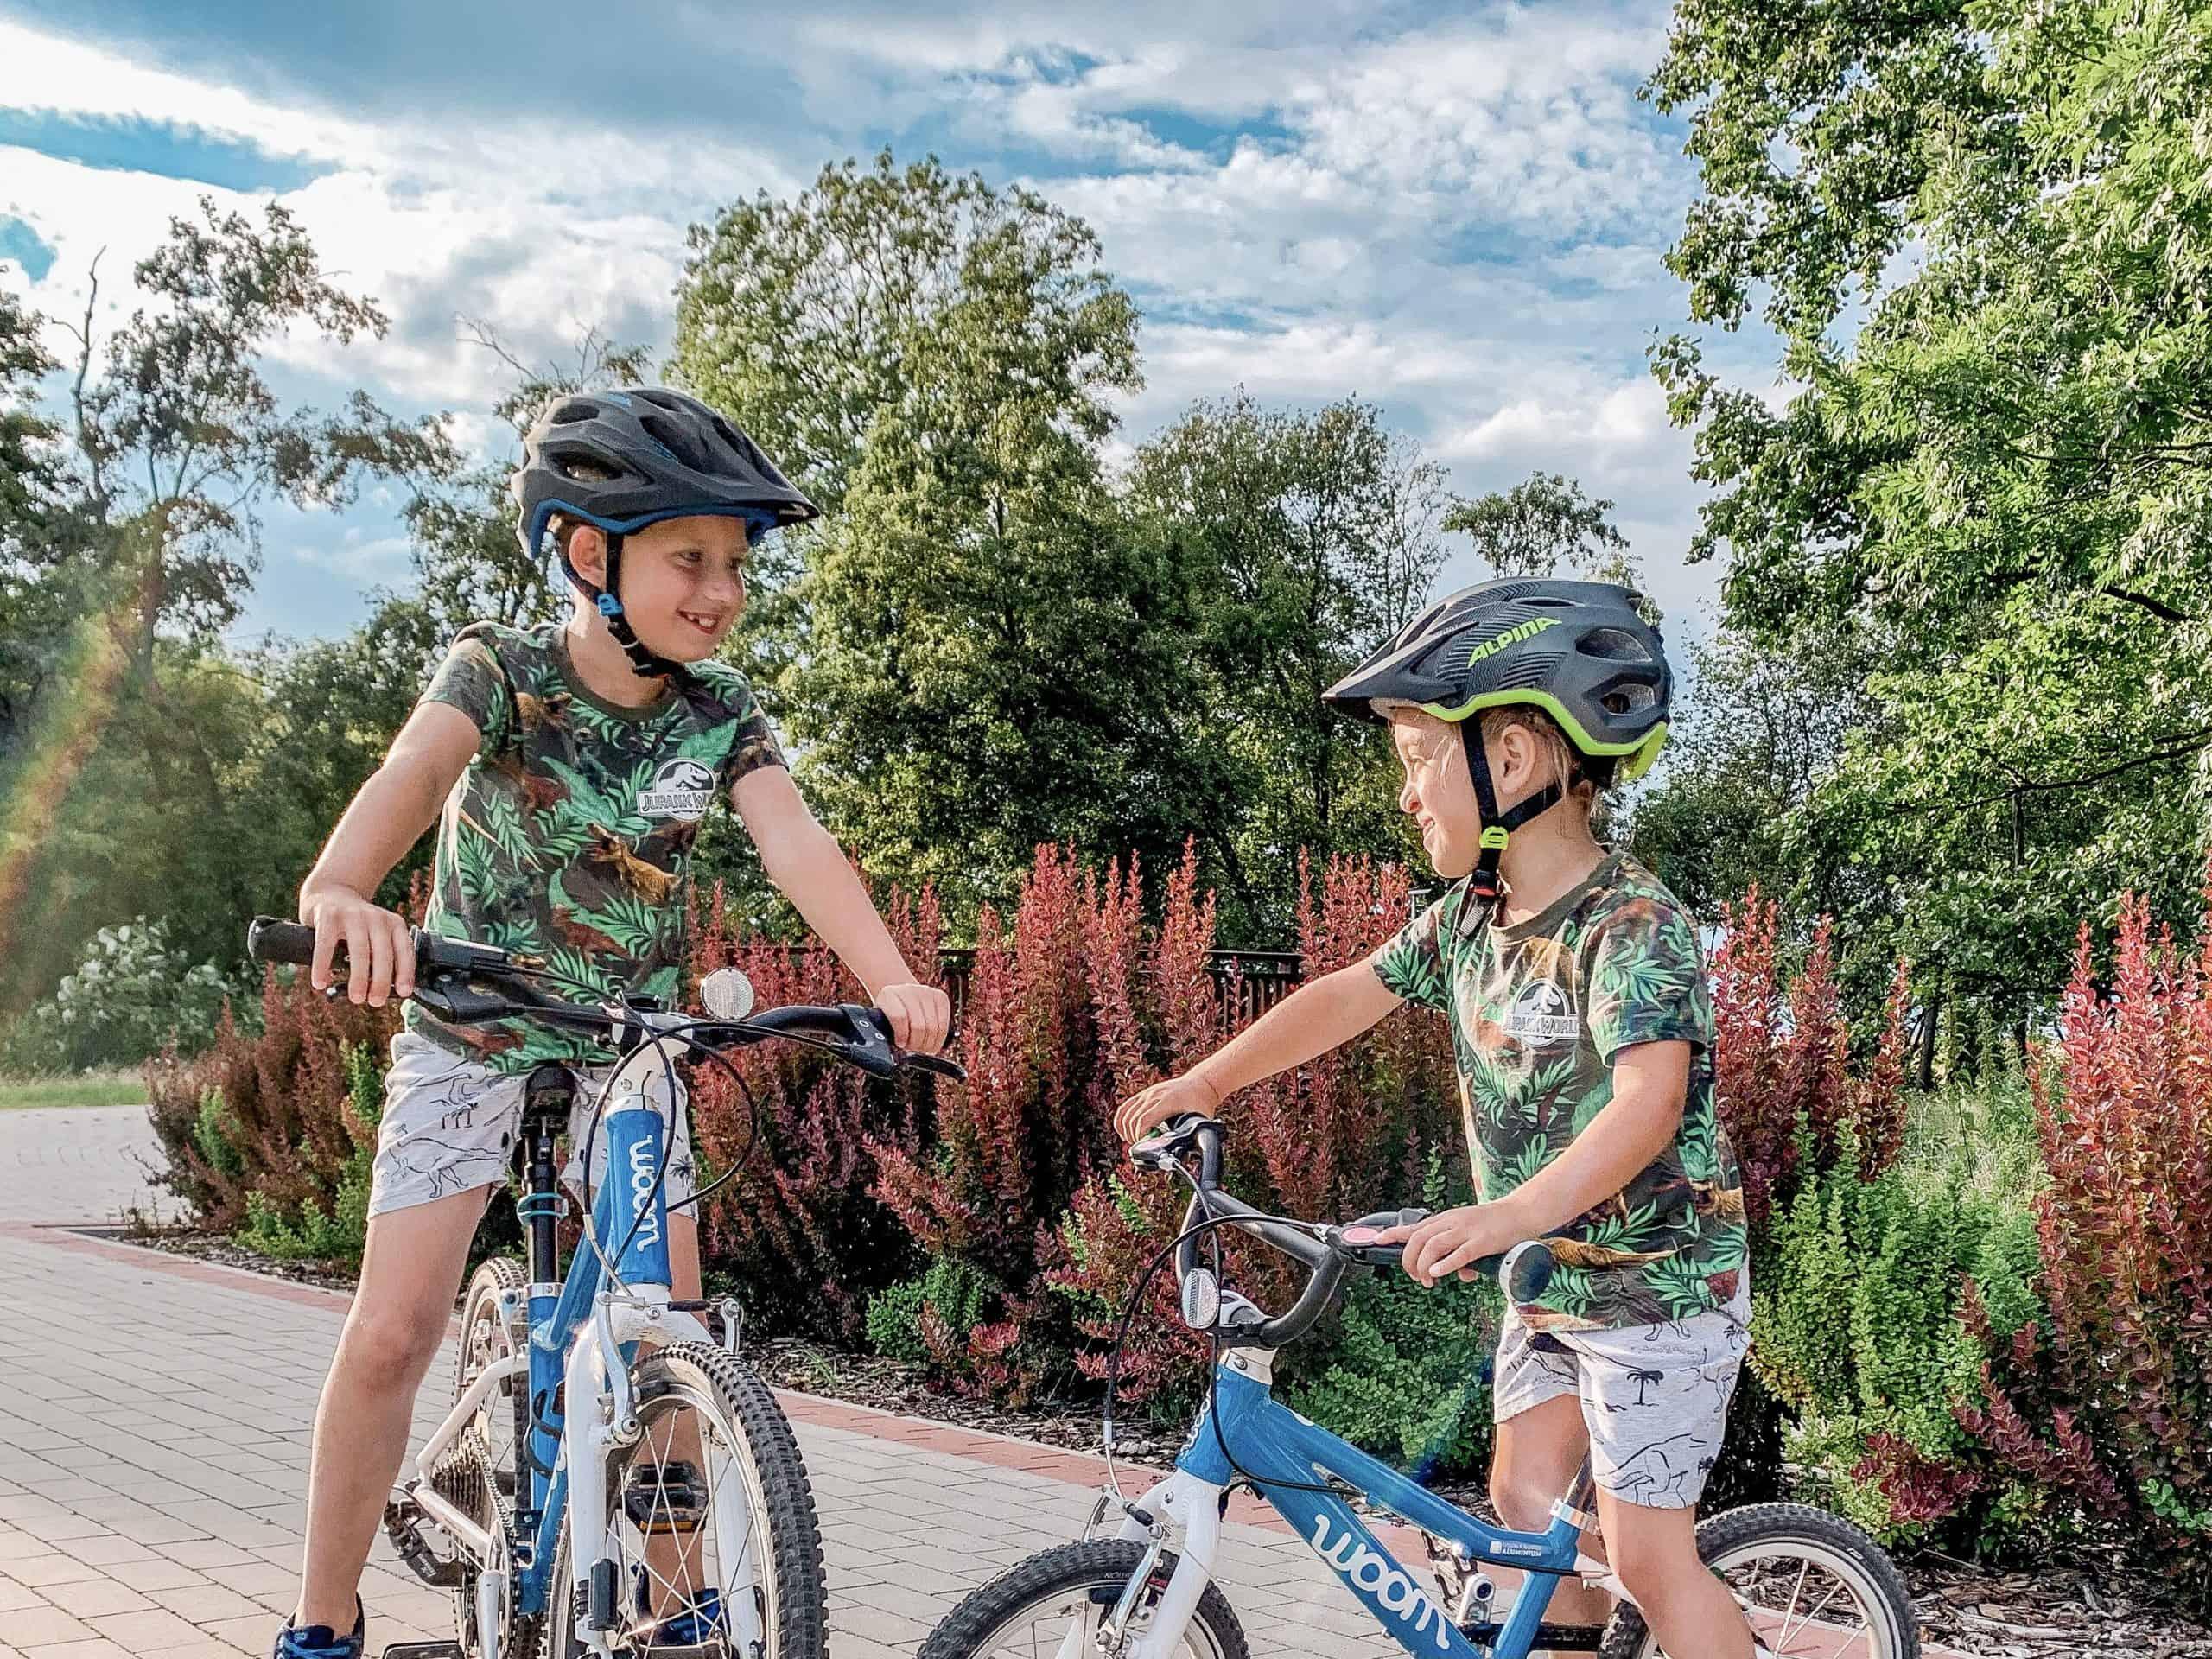 Jak wybrać najbardziej odpowiedni kask rowerowy dla dziecka